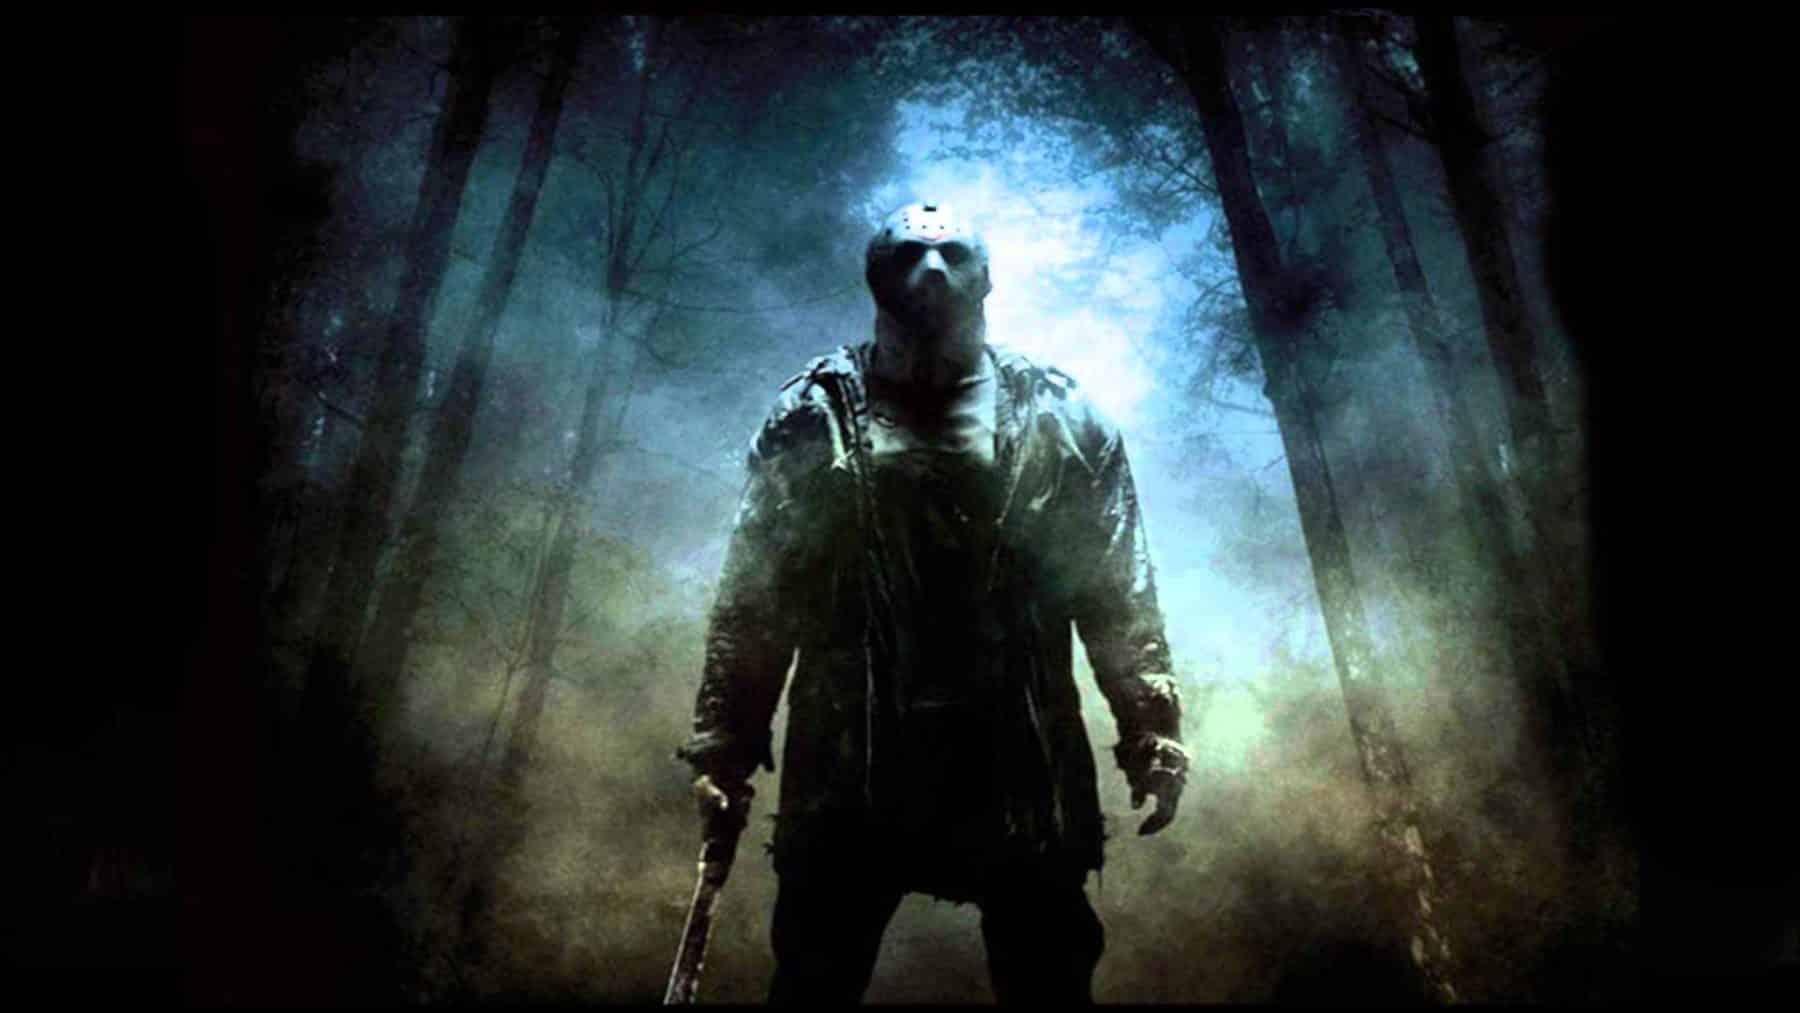 ¿Qué novedades hay con la franquicia Friday the 13th? Todas las novedades aquí